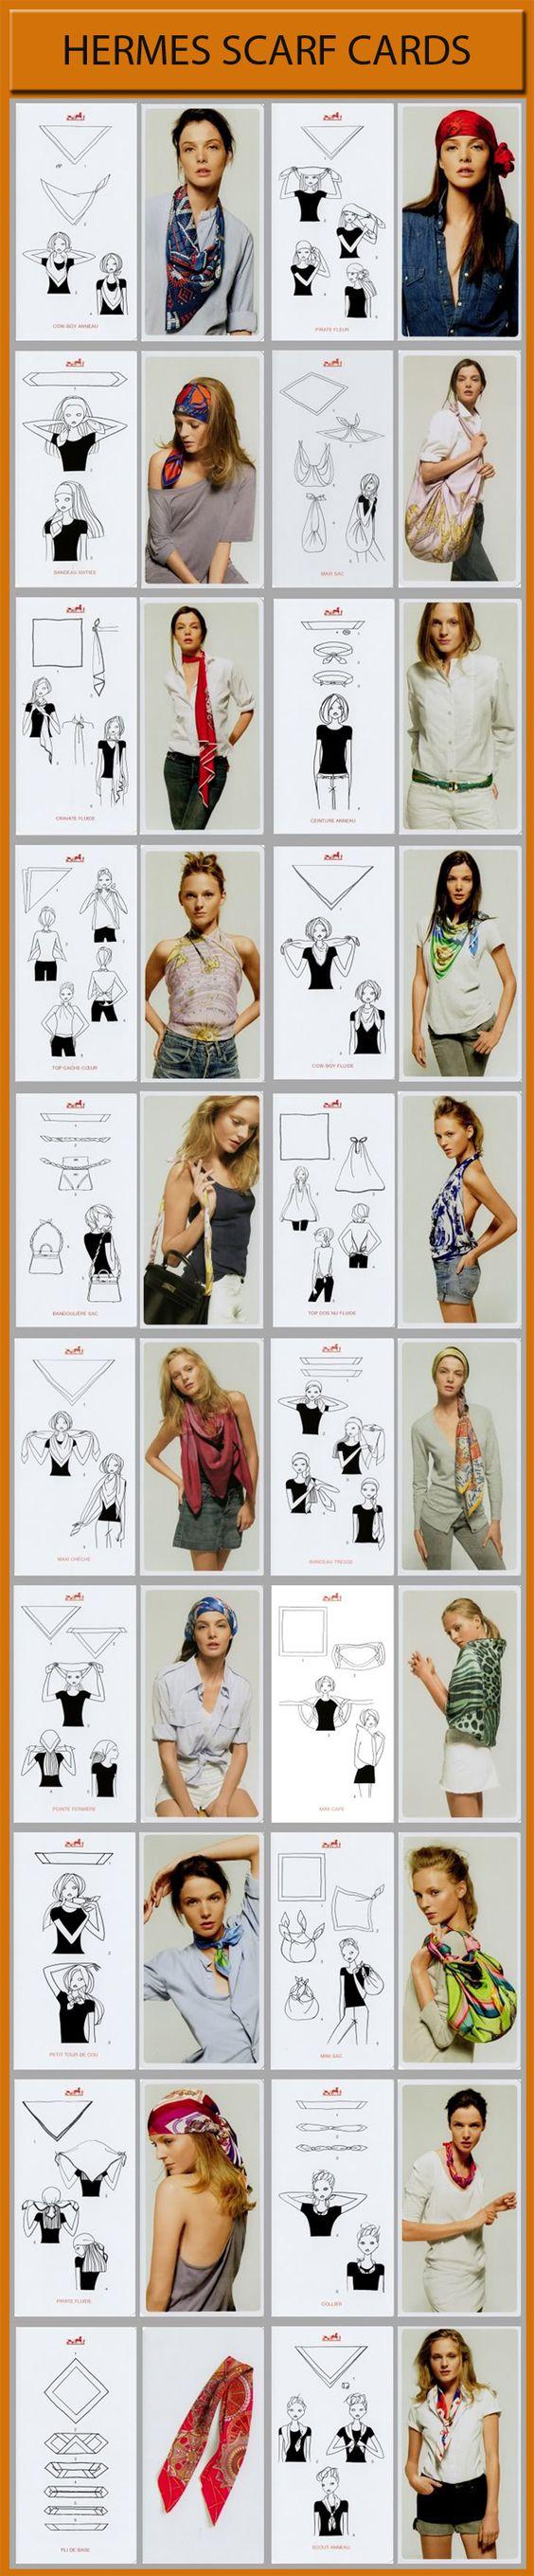 Hermes Scarf Cards - How to knot scarves 21 different ways y si no te quedo claro ven a uterque!!  contamos con una gran variedad de bonitos pañuelos y estaremos encantadas de enseñarte come ponerlos.